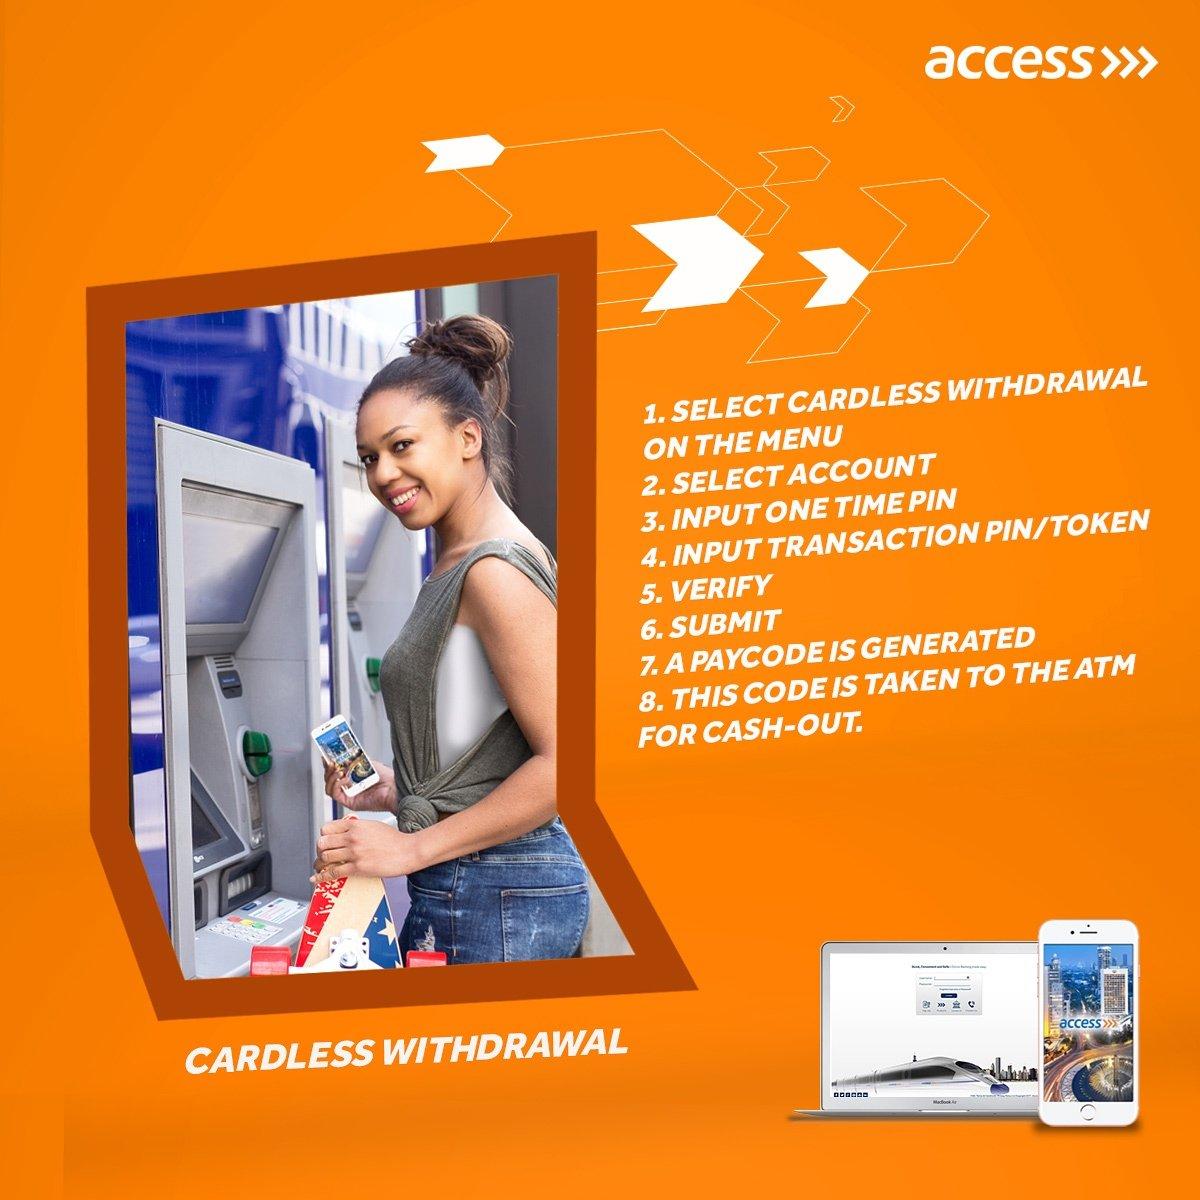 access bank cardless withdrawal